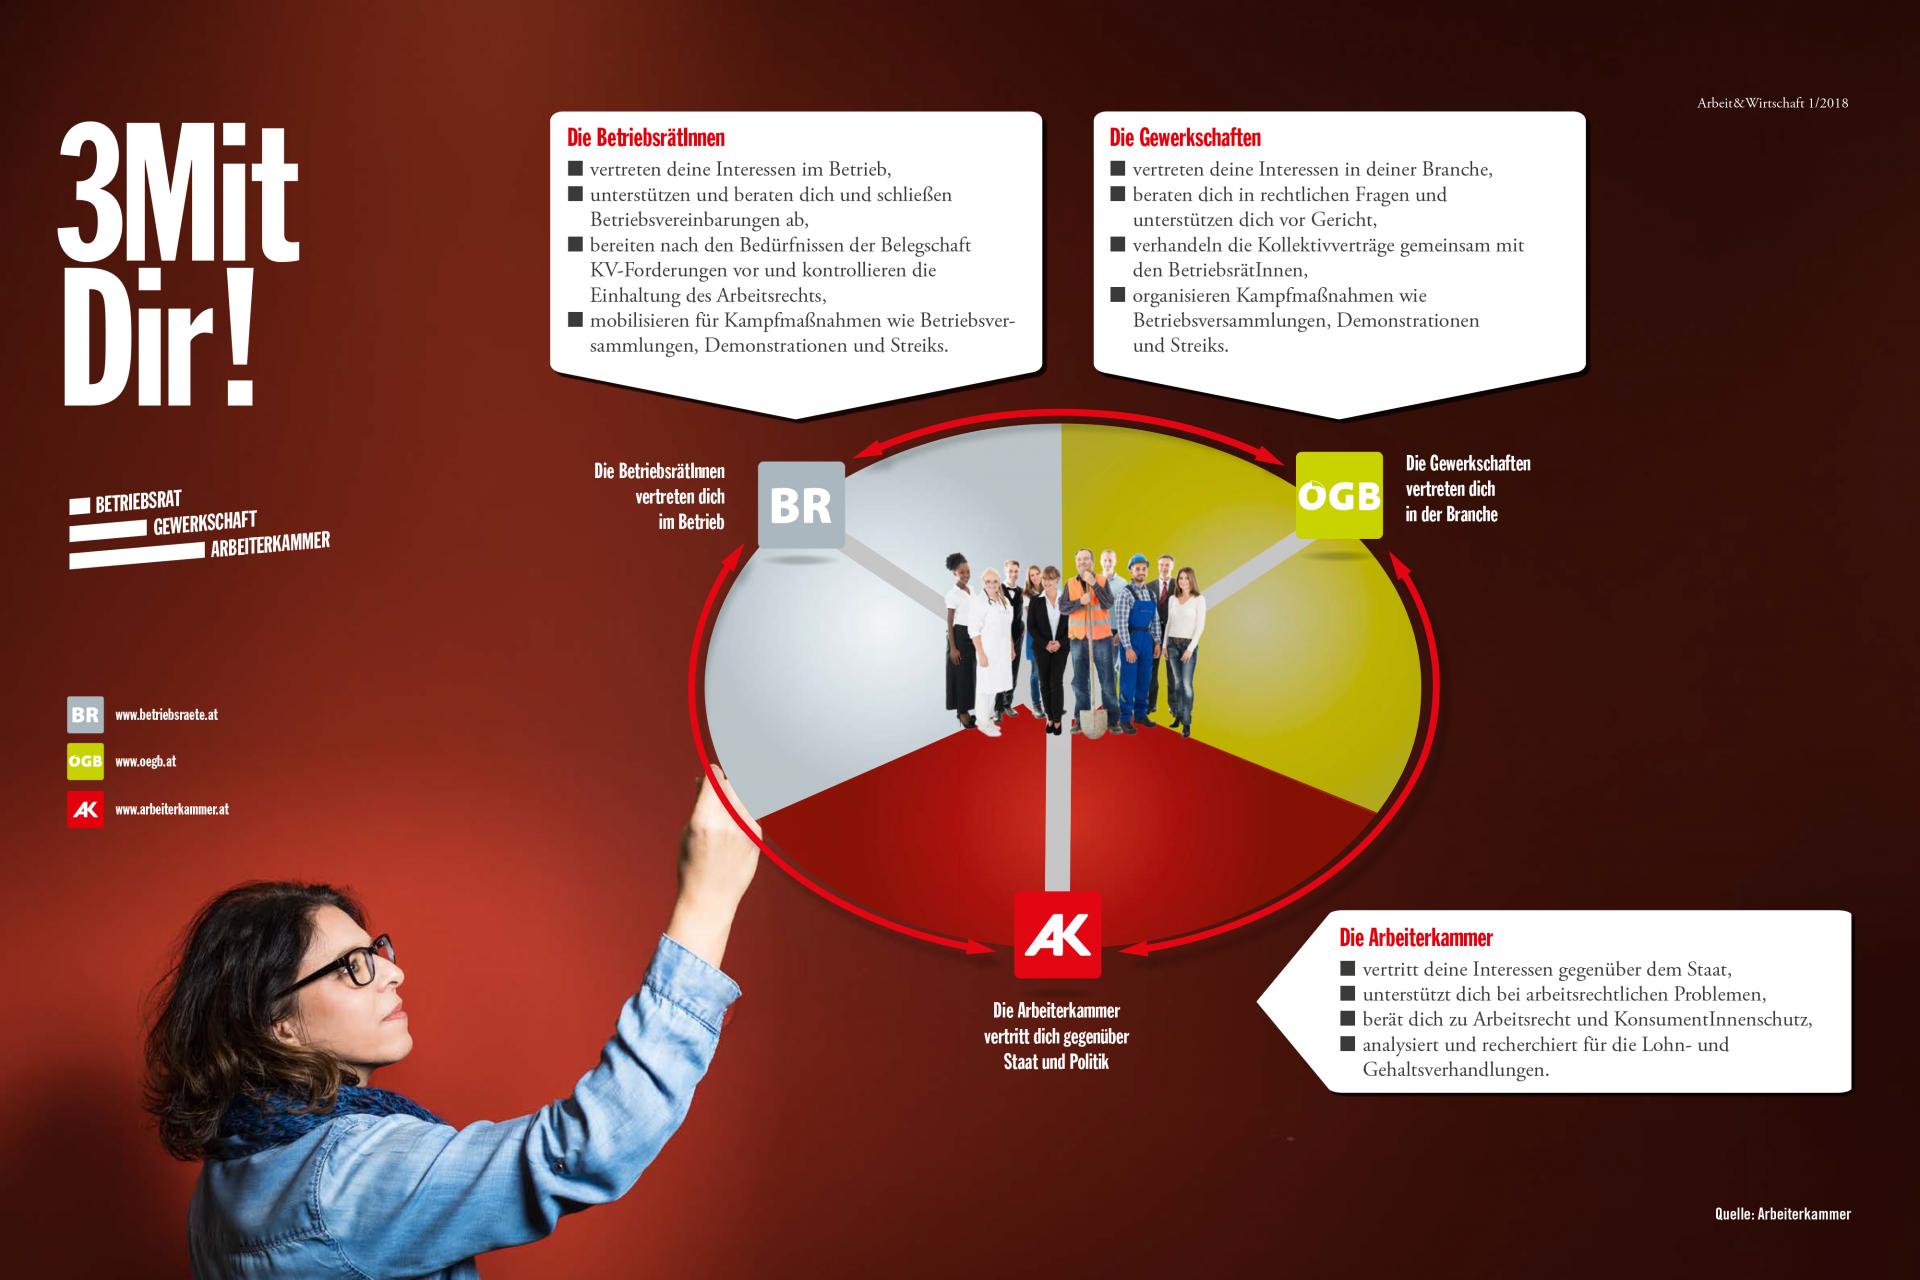 Infografik: 3 Mit Dir - Die Gewerkschaften vertreten dich in der Branche und sorgen mit den KV-Verhandlungen für bessere Gehälter und Arbeitsbedingungen, Betriebsräte vertreten dich im Betrieb und die Arbeiterkammer vertritt dich gegenüber Staat und Politik und setzt sich für deine Rechte ein